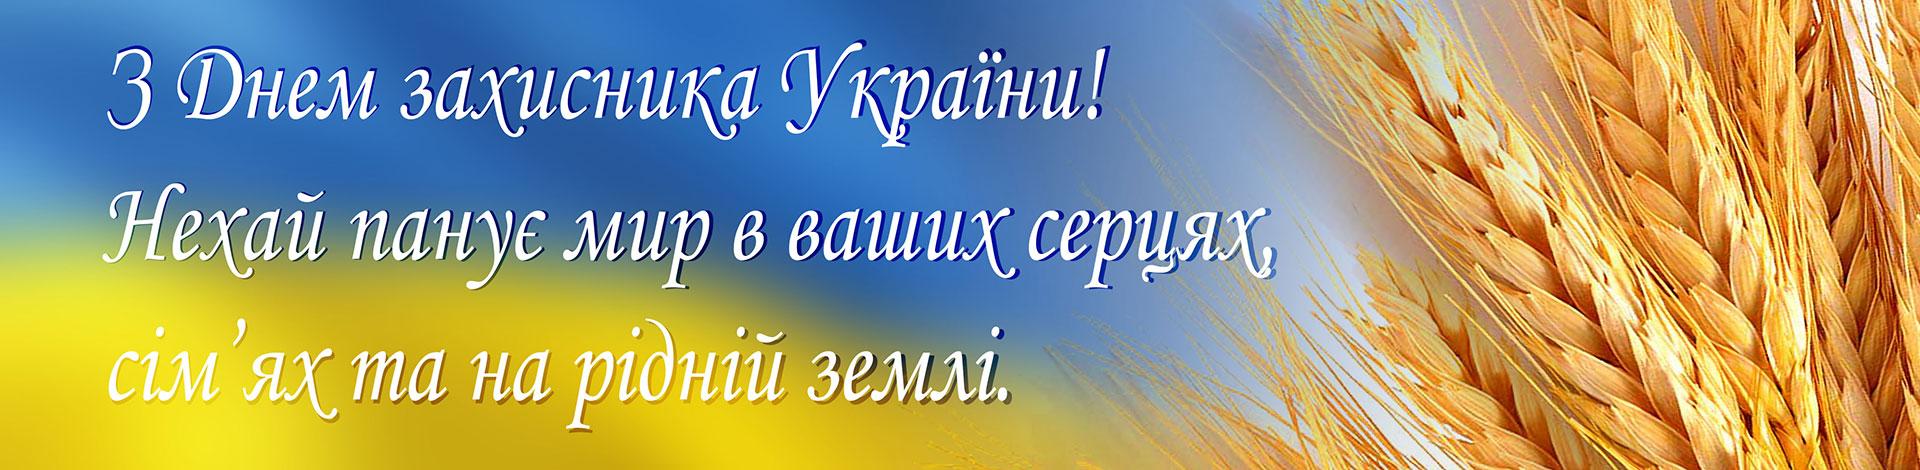 Zahisnik